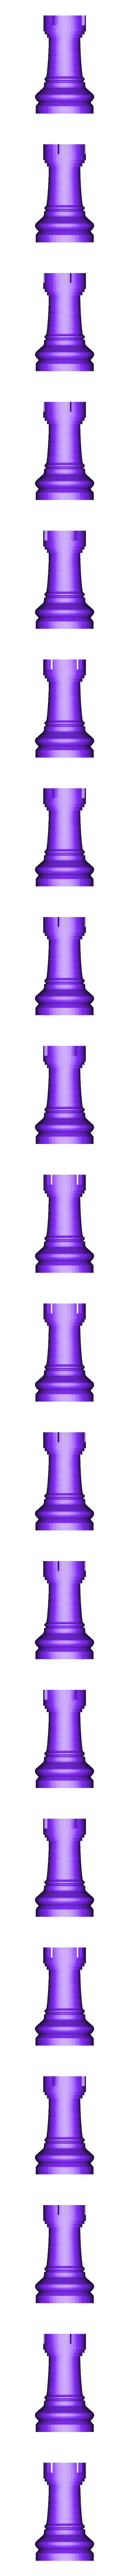 torre.STL Télécharger fichier STL gratuit échecs complets • Plan pour imprimante 3D, montenegromateo111